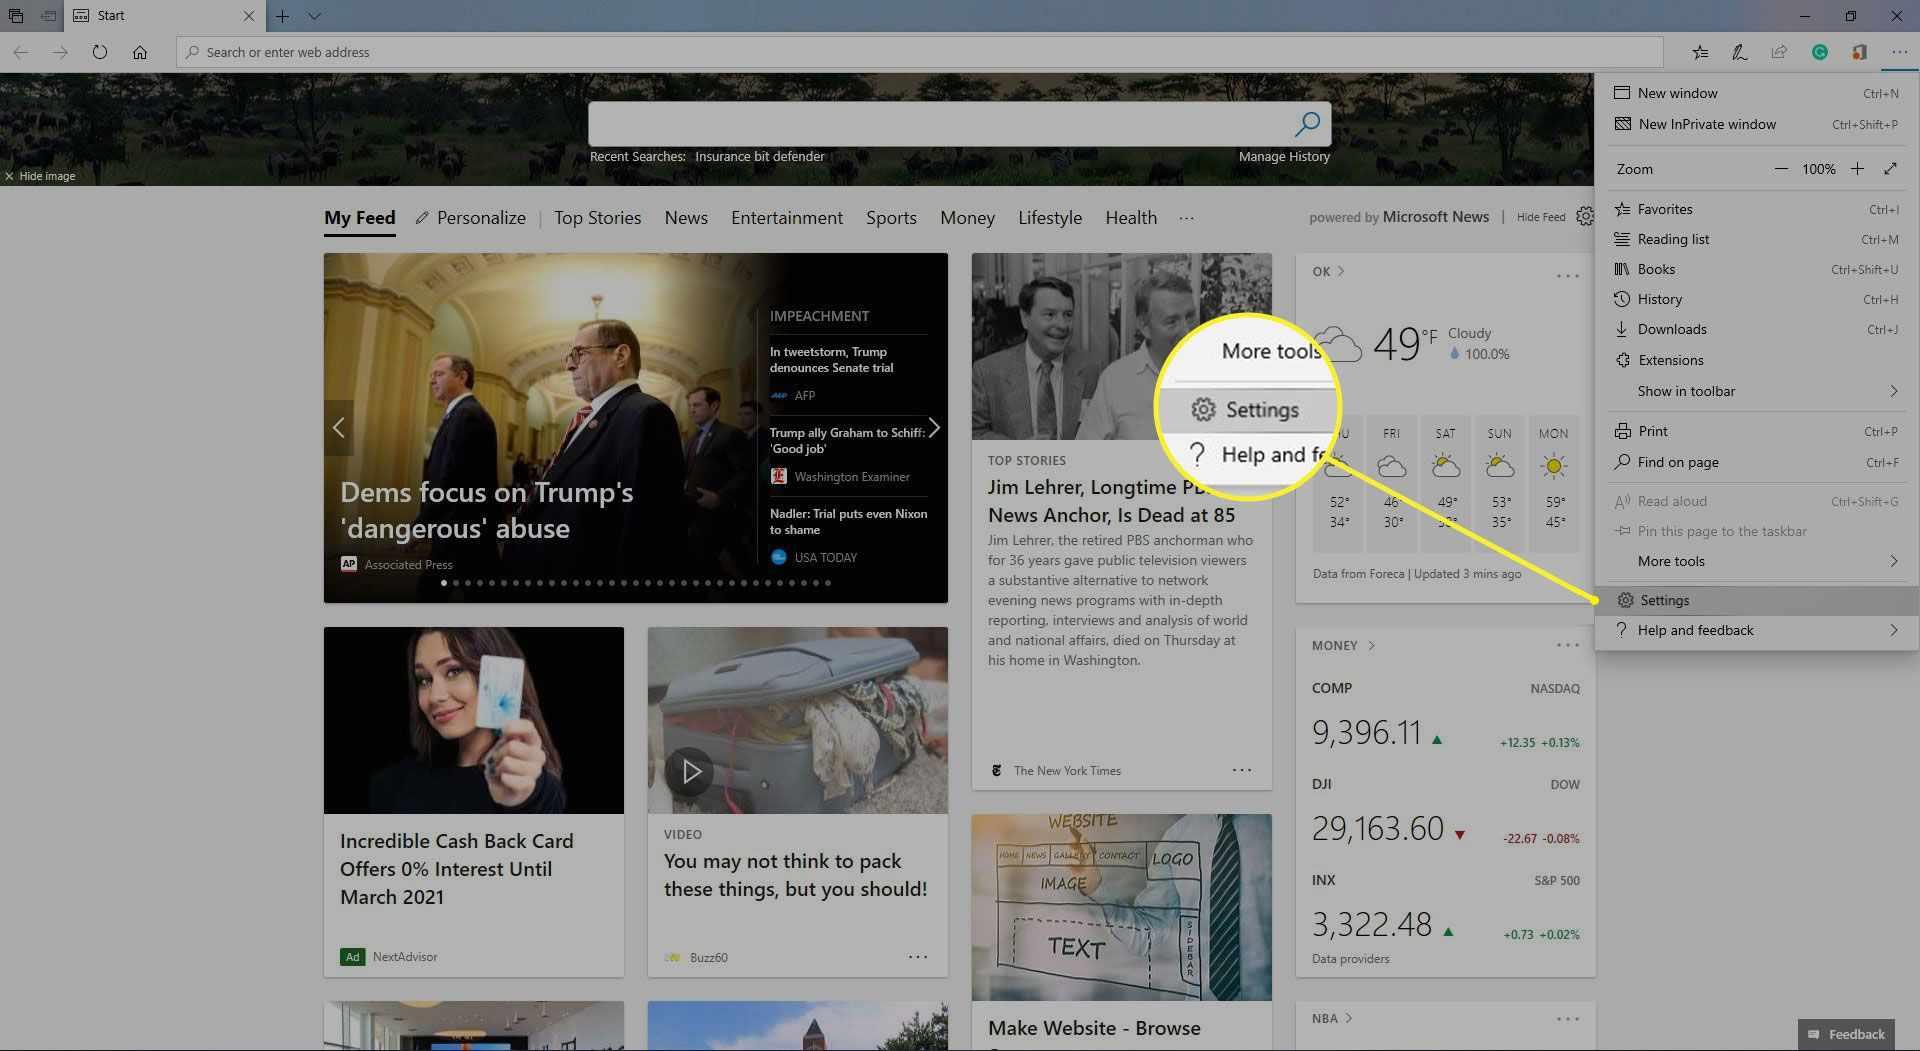 Microsoft Edge Settings in drop-down menu